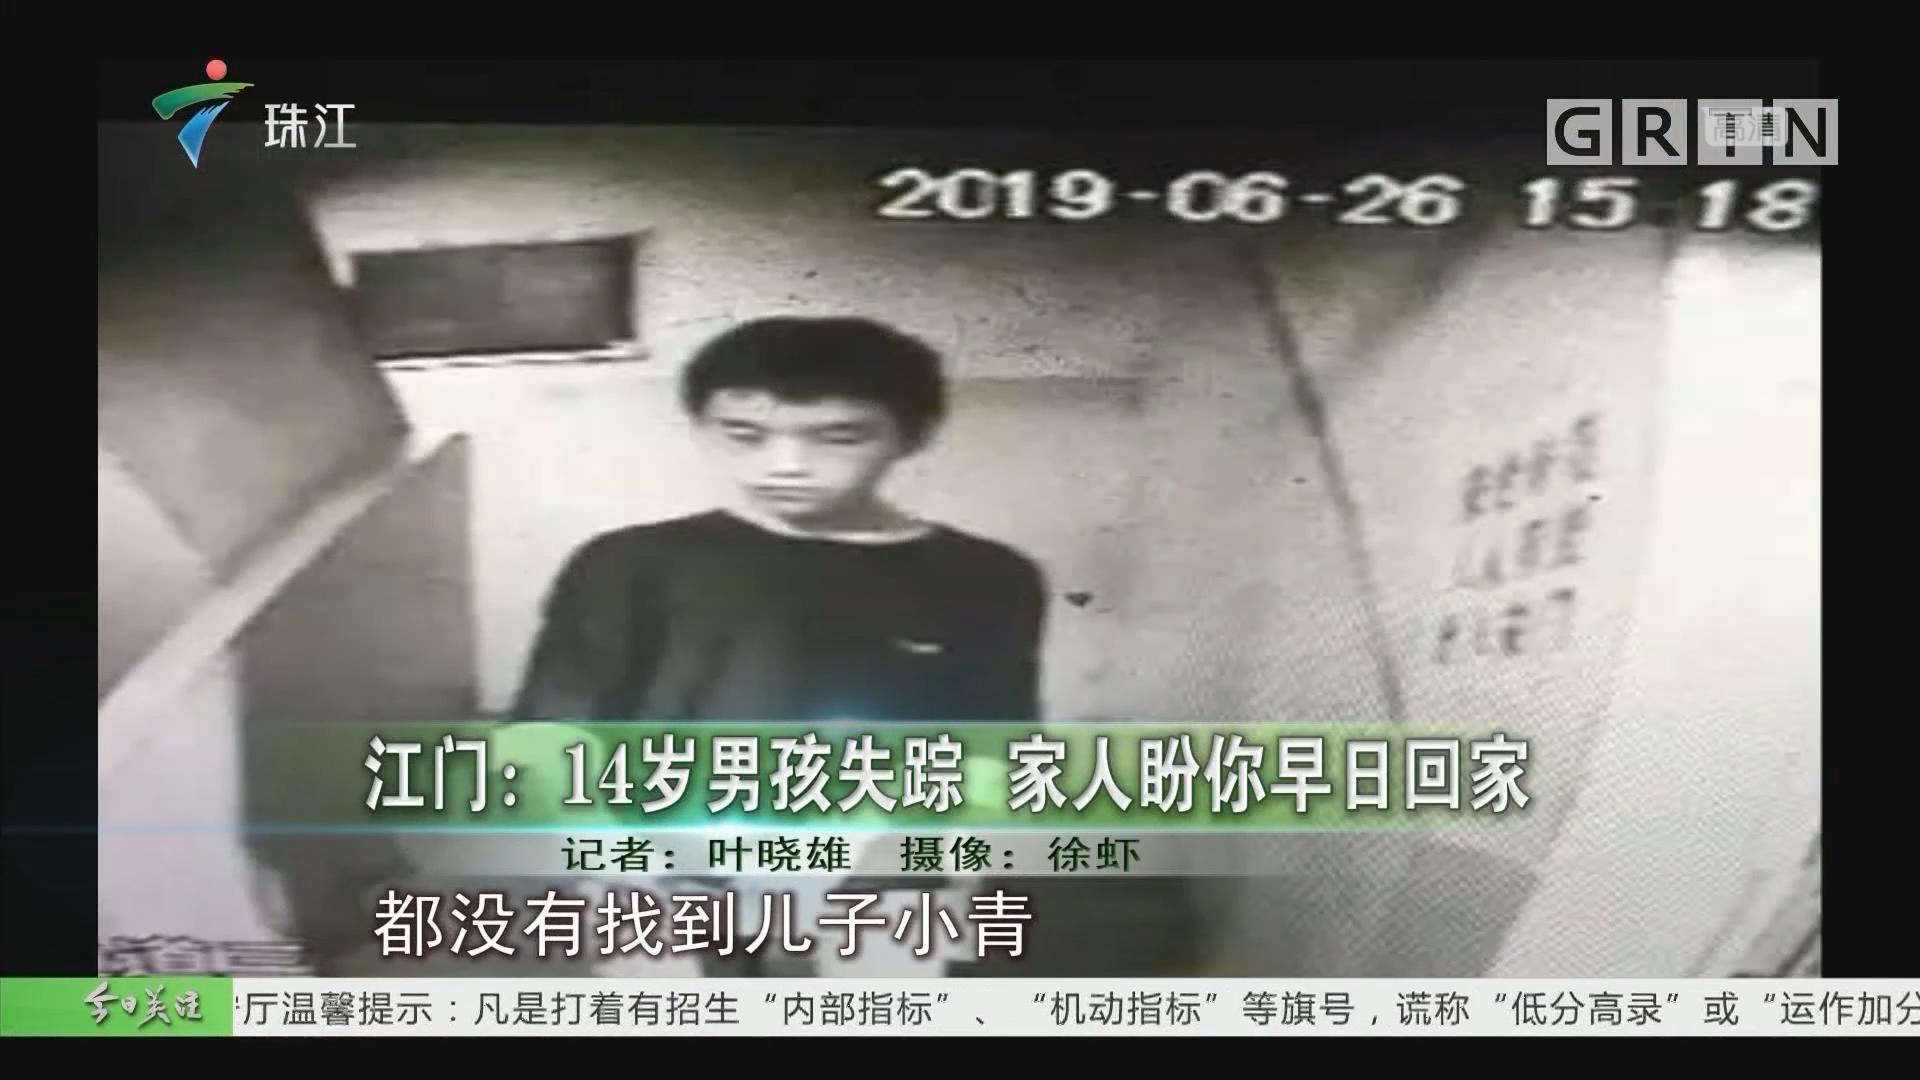 江門:14歲男孩失蹤 家人盼你早日回家